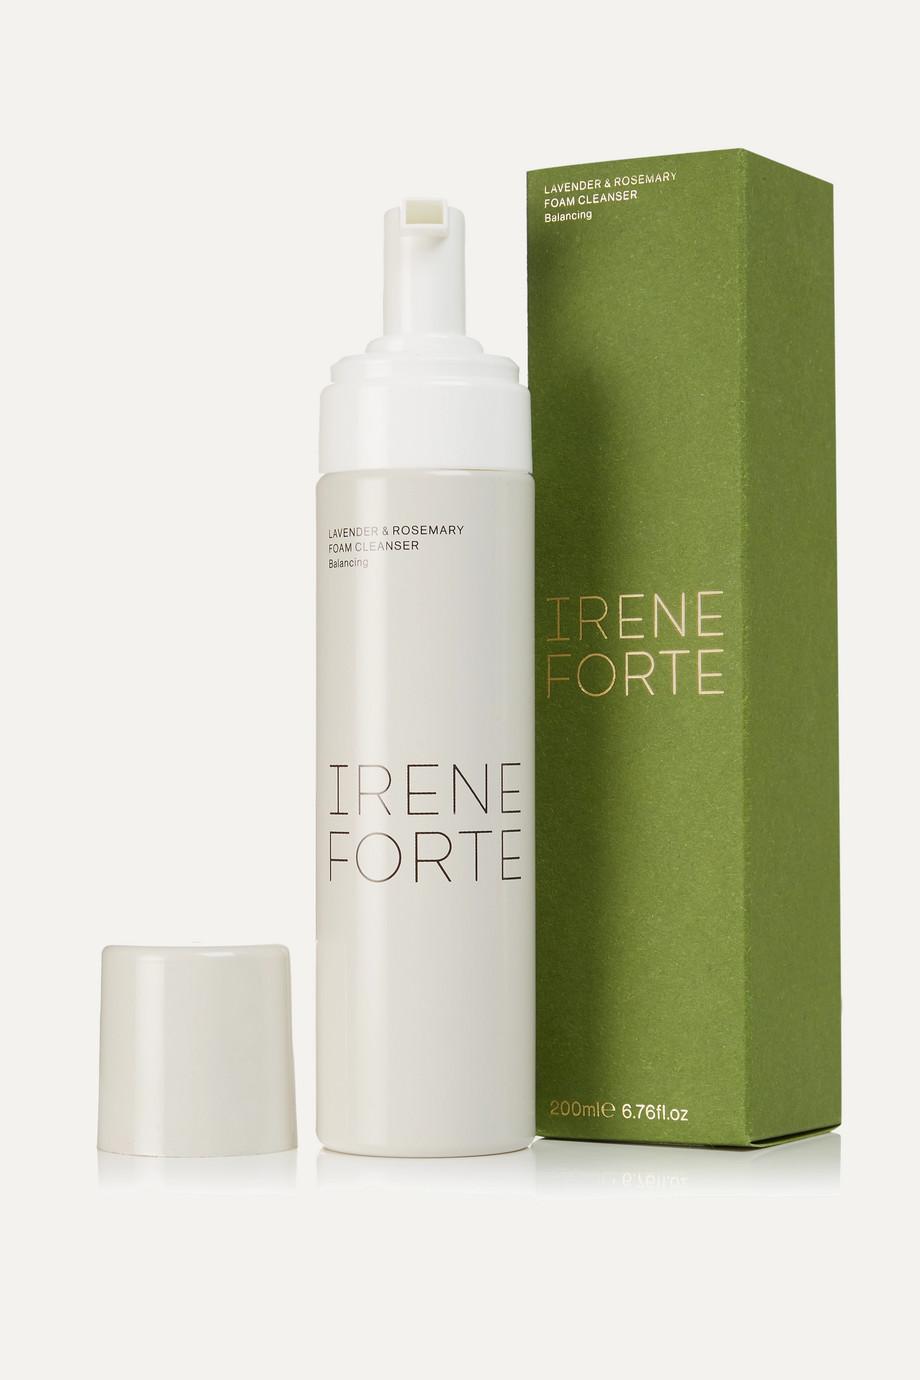 Irene Forte 【NET SUSTAIN】薰衣草和迷迭香平衡洁面泡沫,200ml